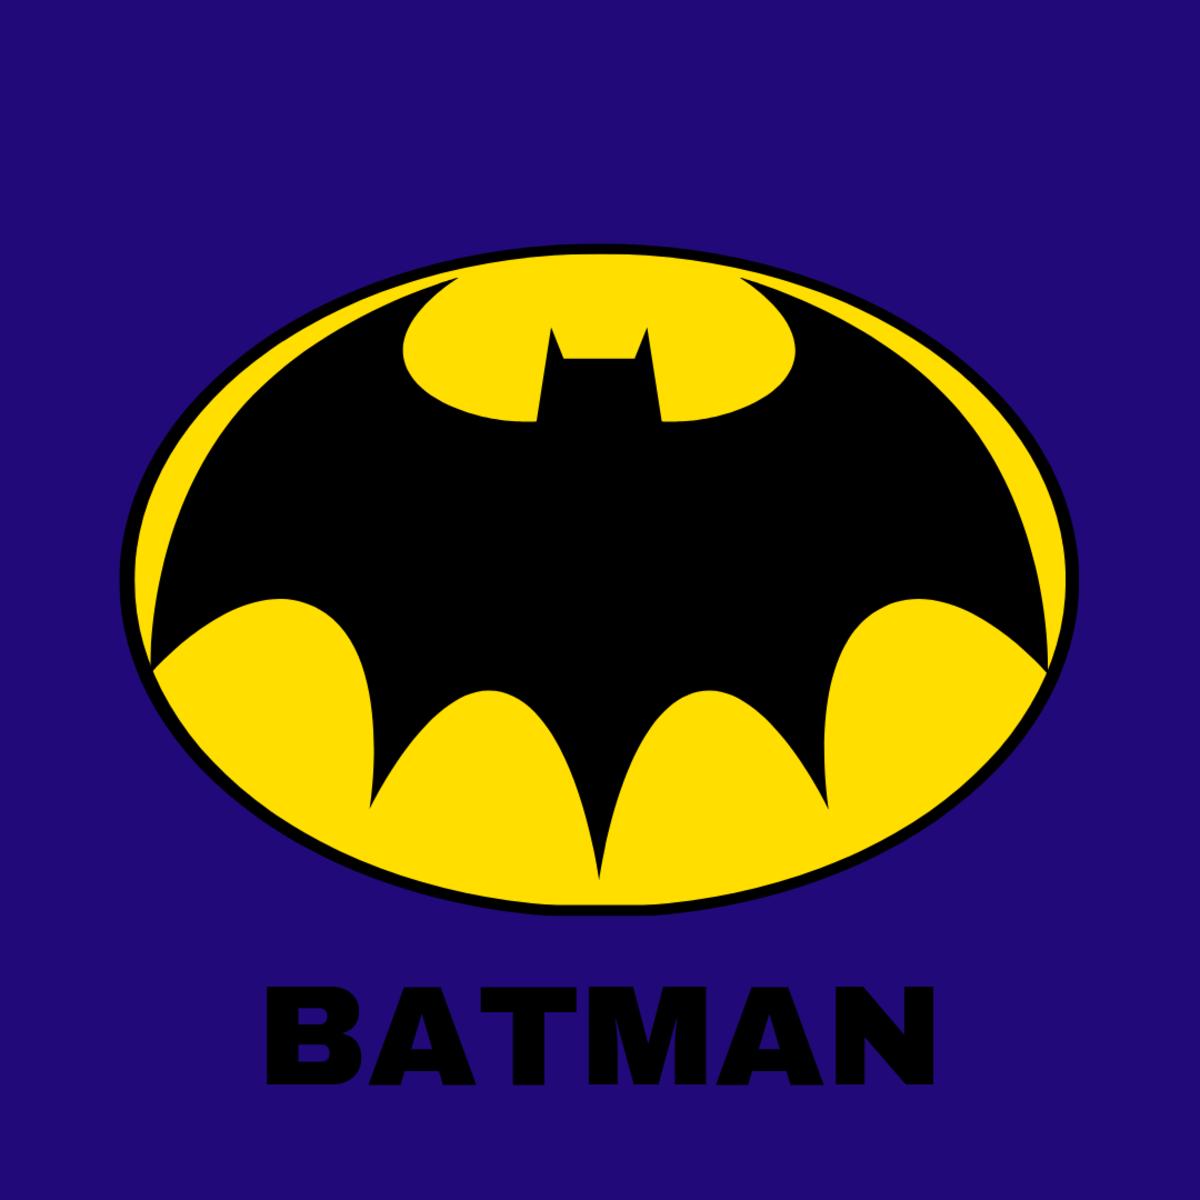 superhero-names